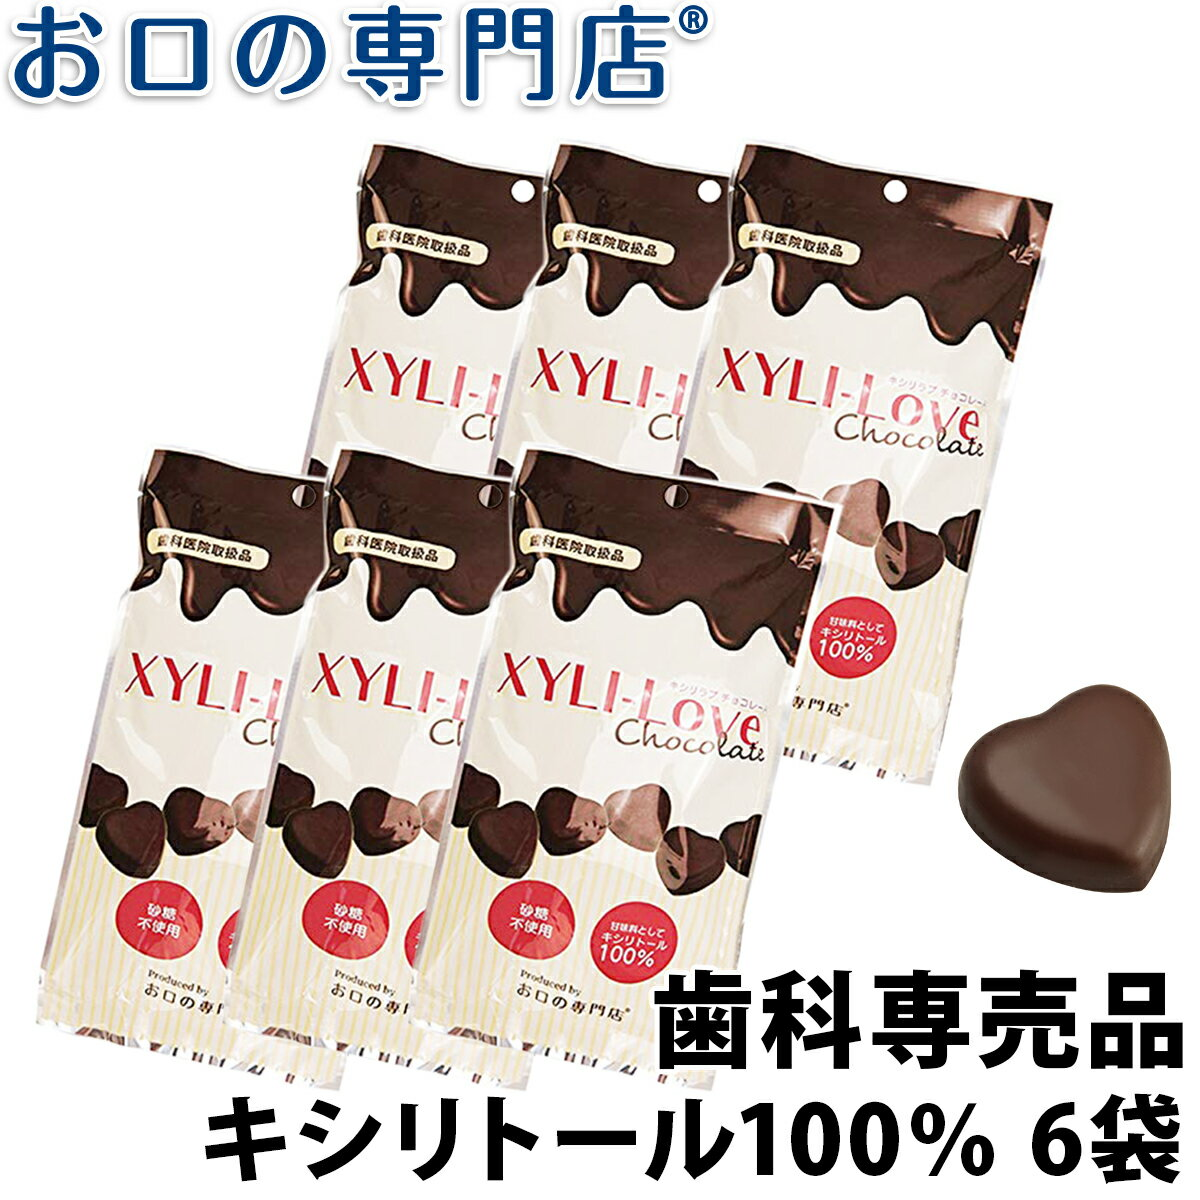 【エントリーで全品P5倍】XYLI-LOVE(キシリラブ) チョコレート 24粒(72g) × 5袋 【送料無料・メール便でお届け】 歯科専売品